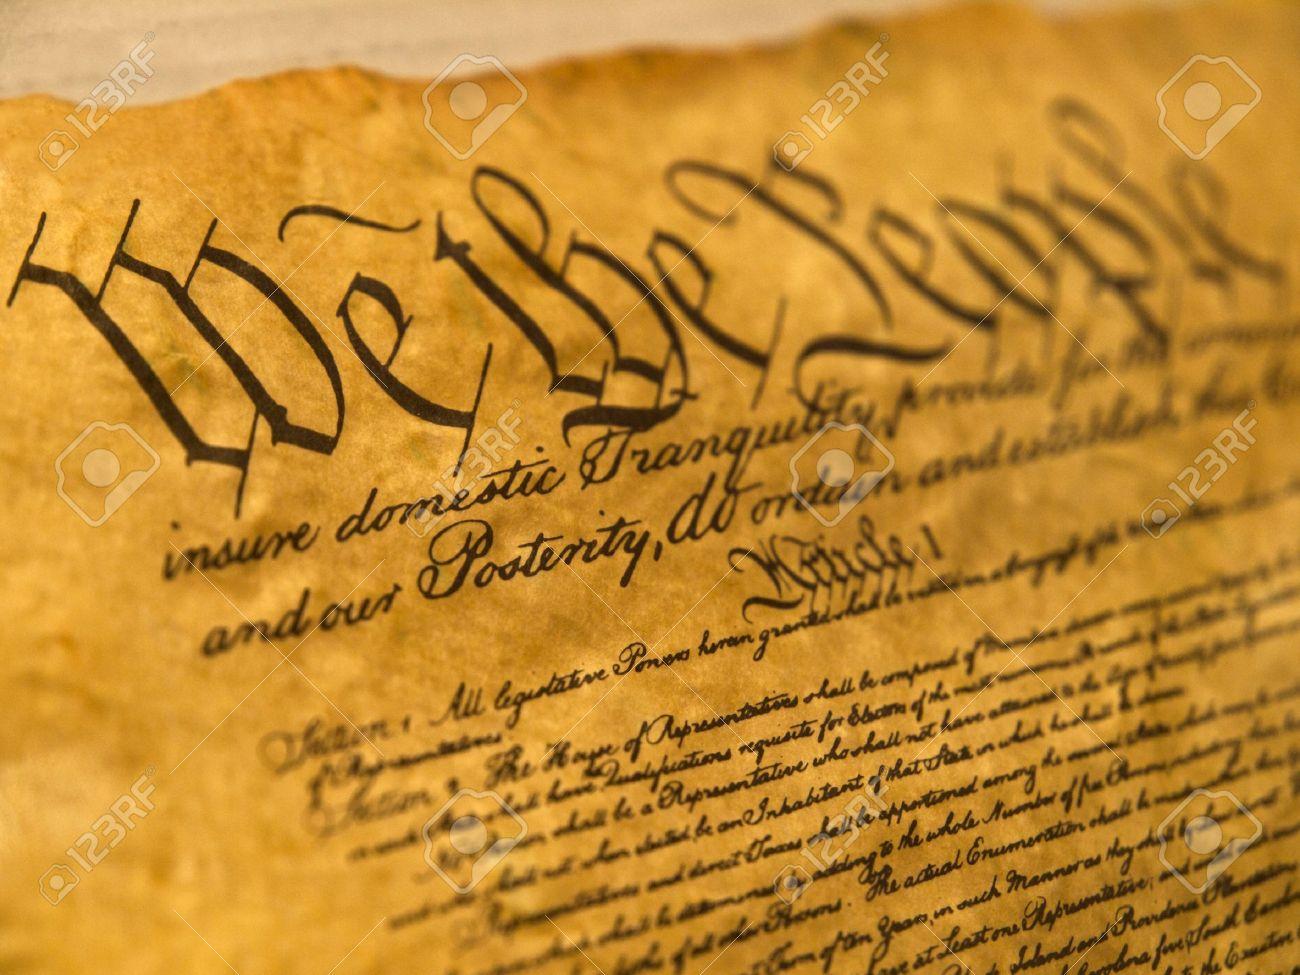 アメリカ合衆国憲法羊皮紙 の写真素材・画像素材 Image 9468649.